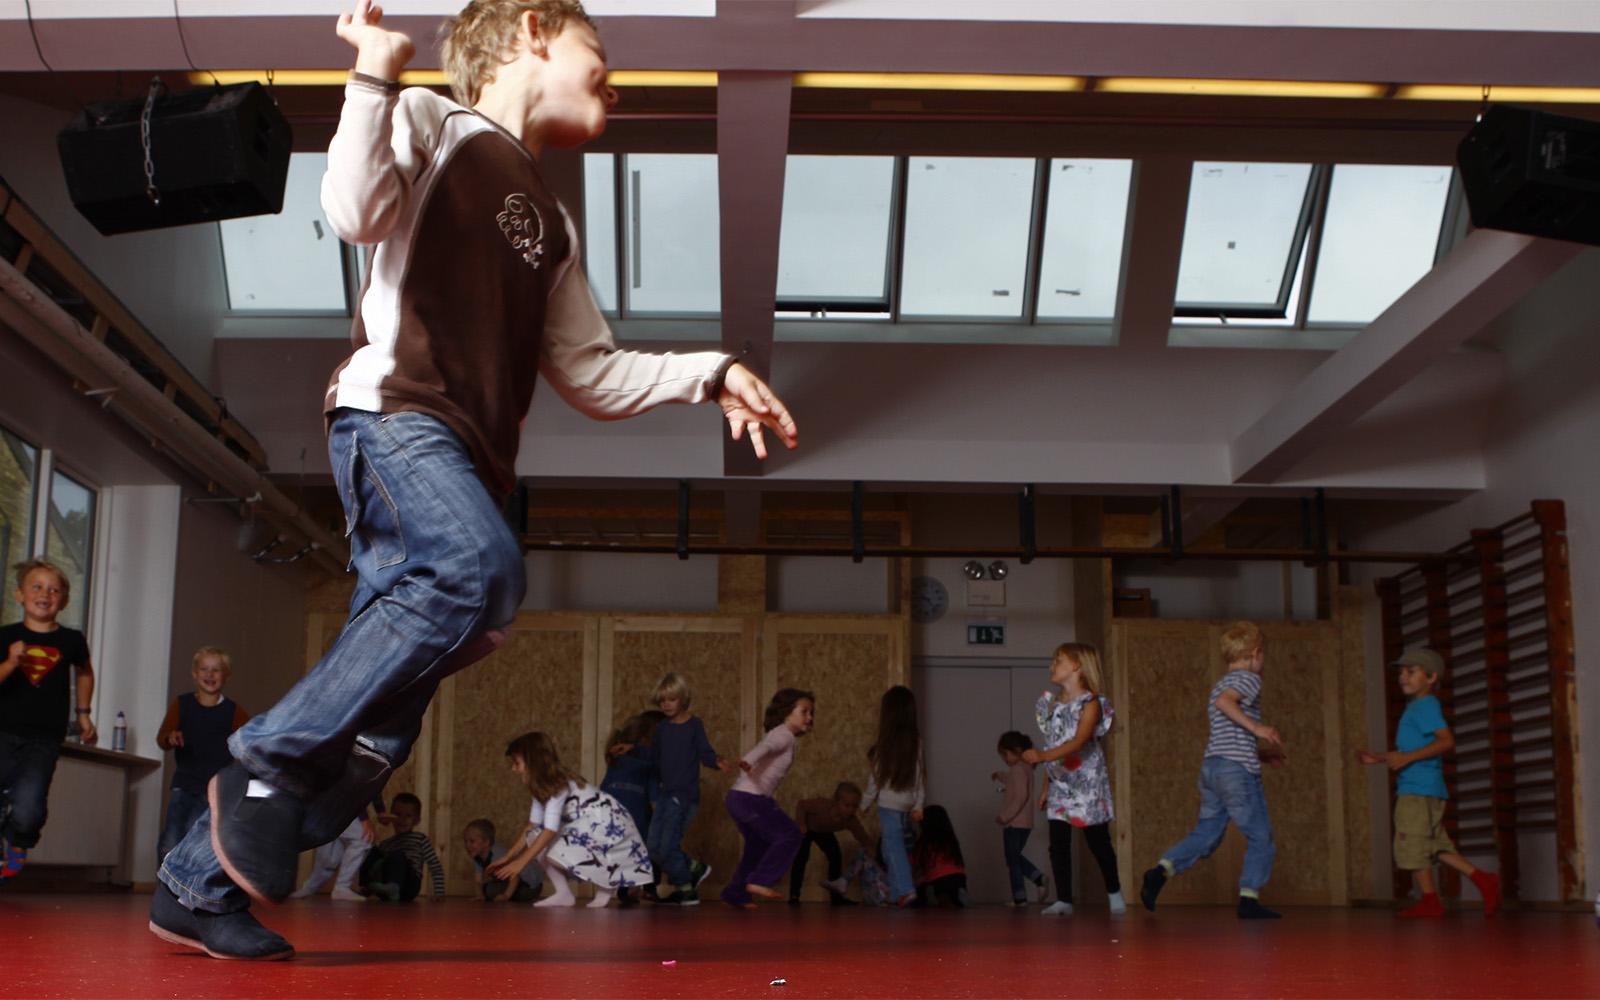 Små barn leker i skolans gymnastiksal med takfönster och takventilation